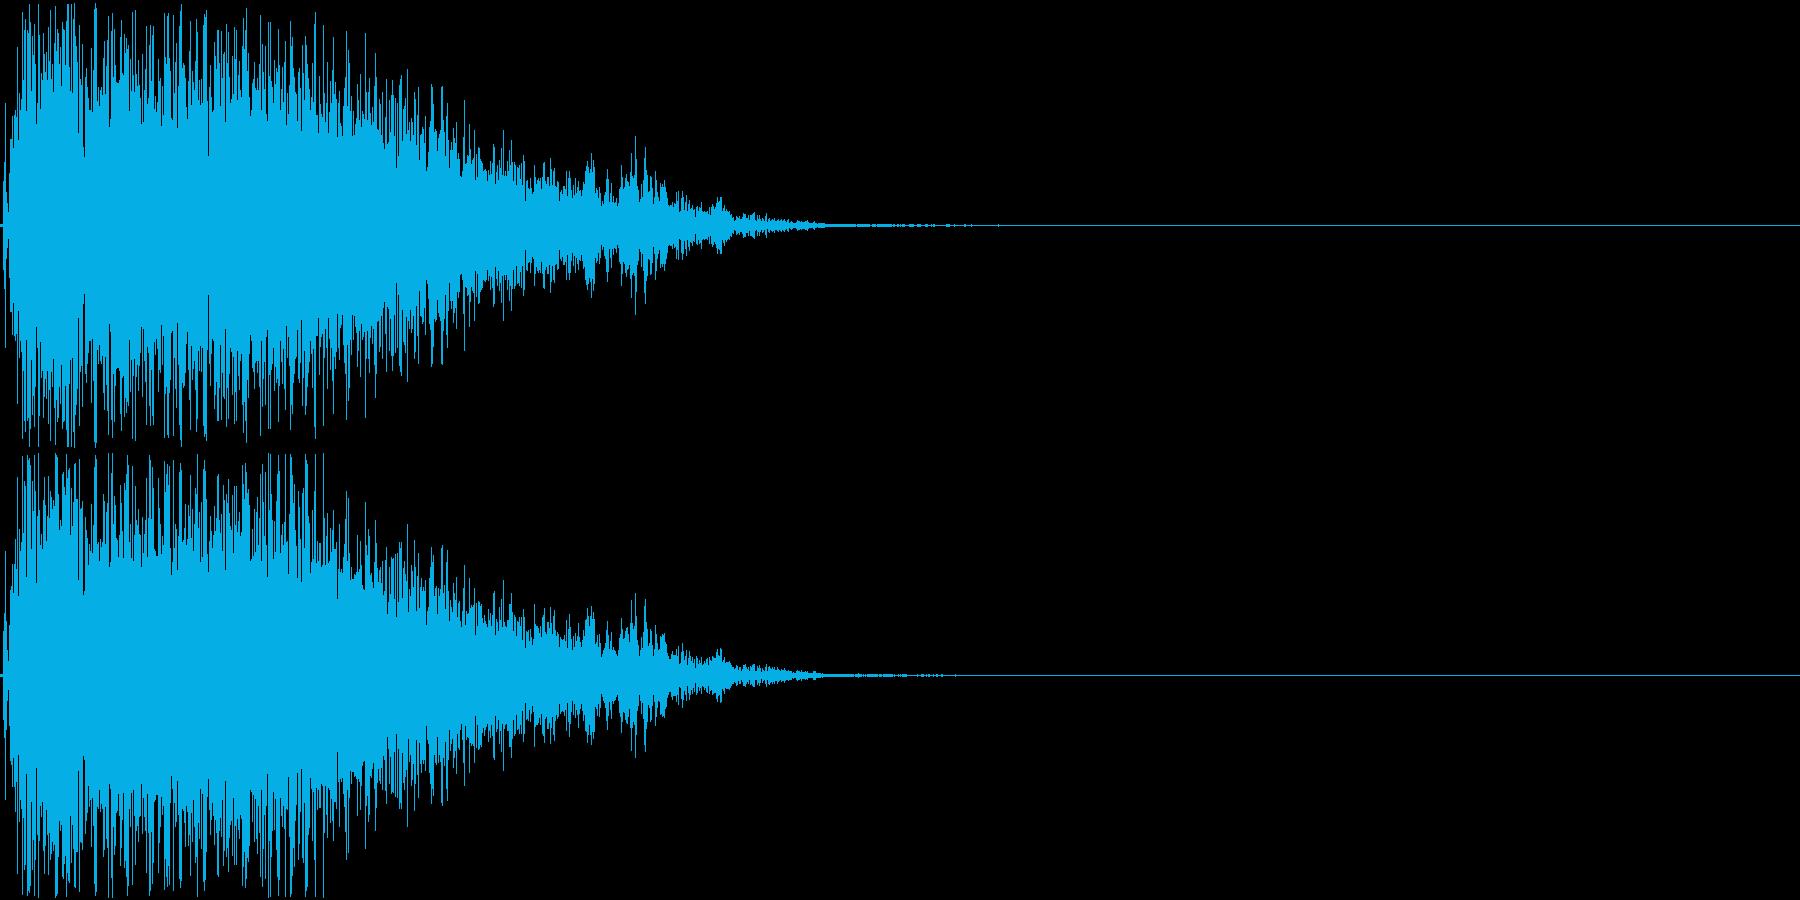 パンチ音01(プシュー)の再生済みの波形